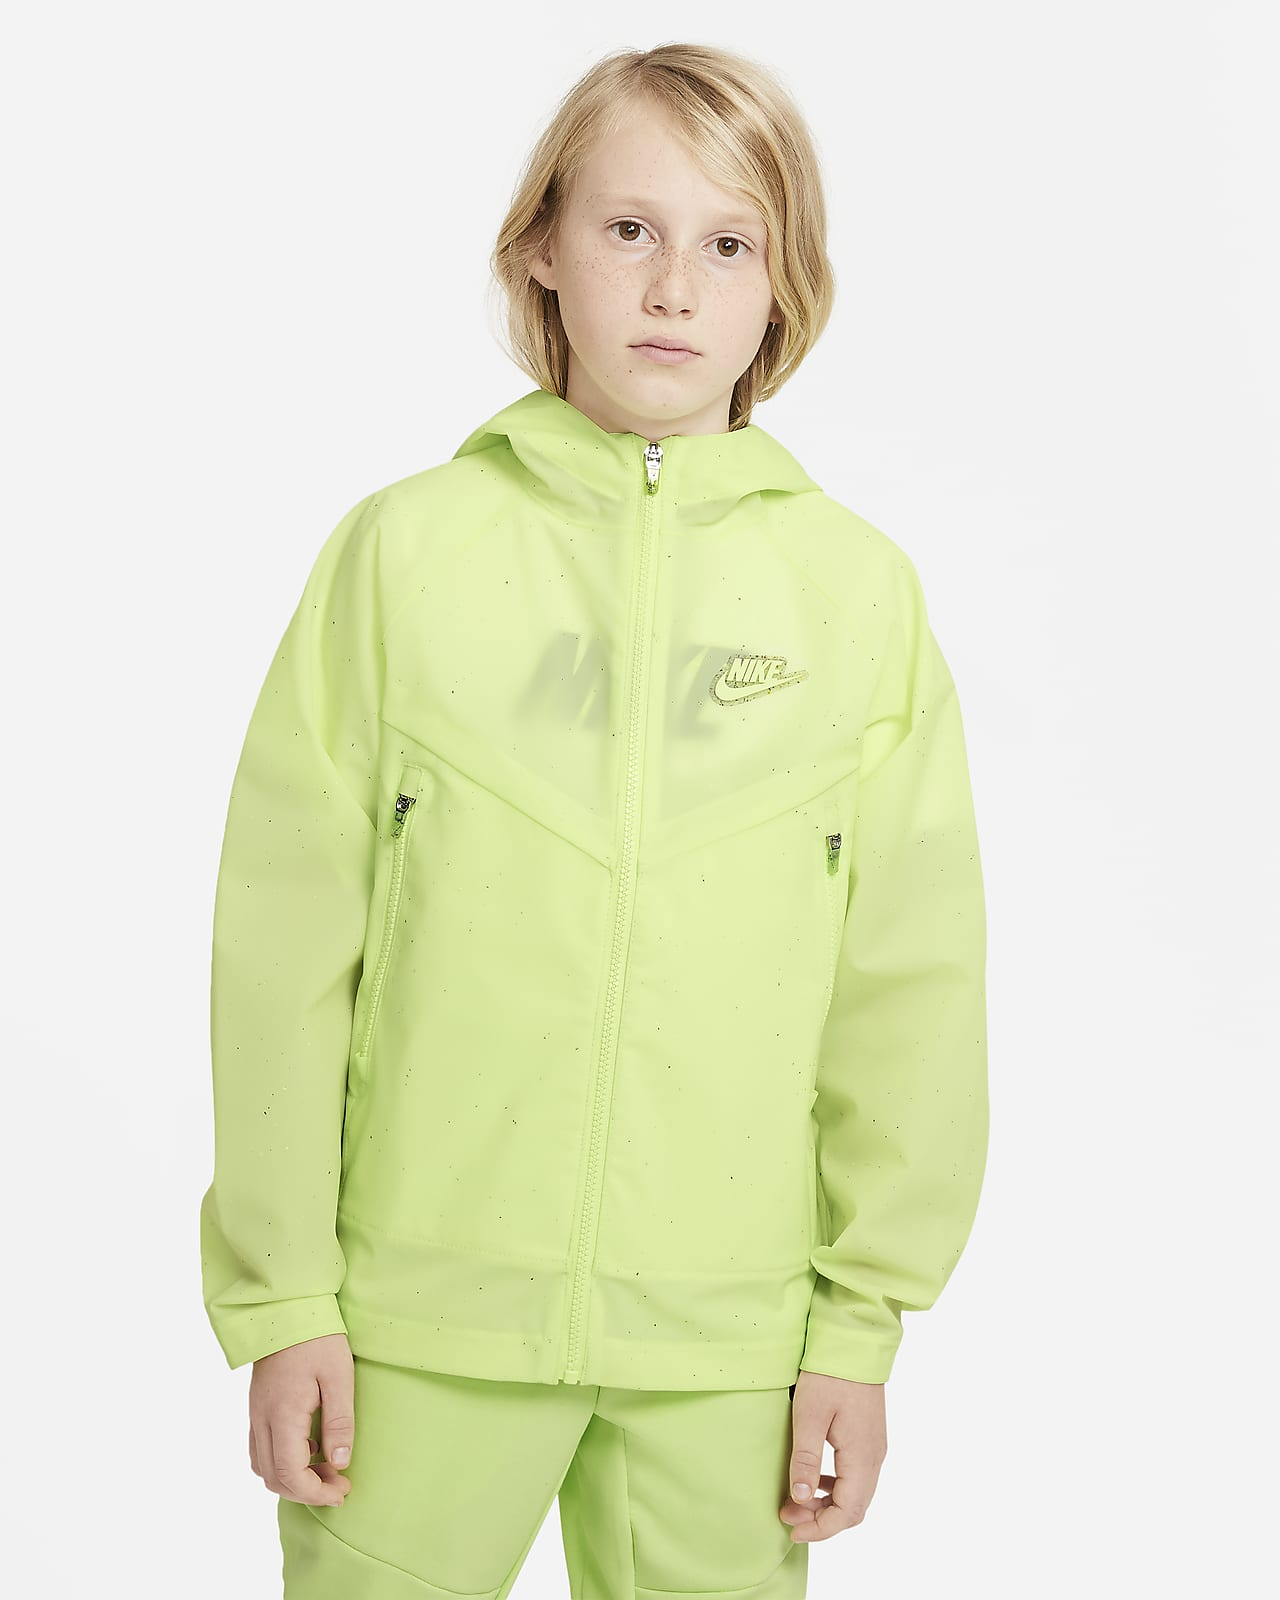 Nike Sportswear Windrunner Zero Jacke mit Kapuze für ältere Kinder